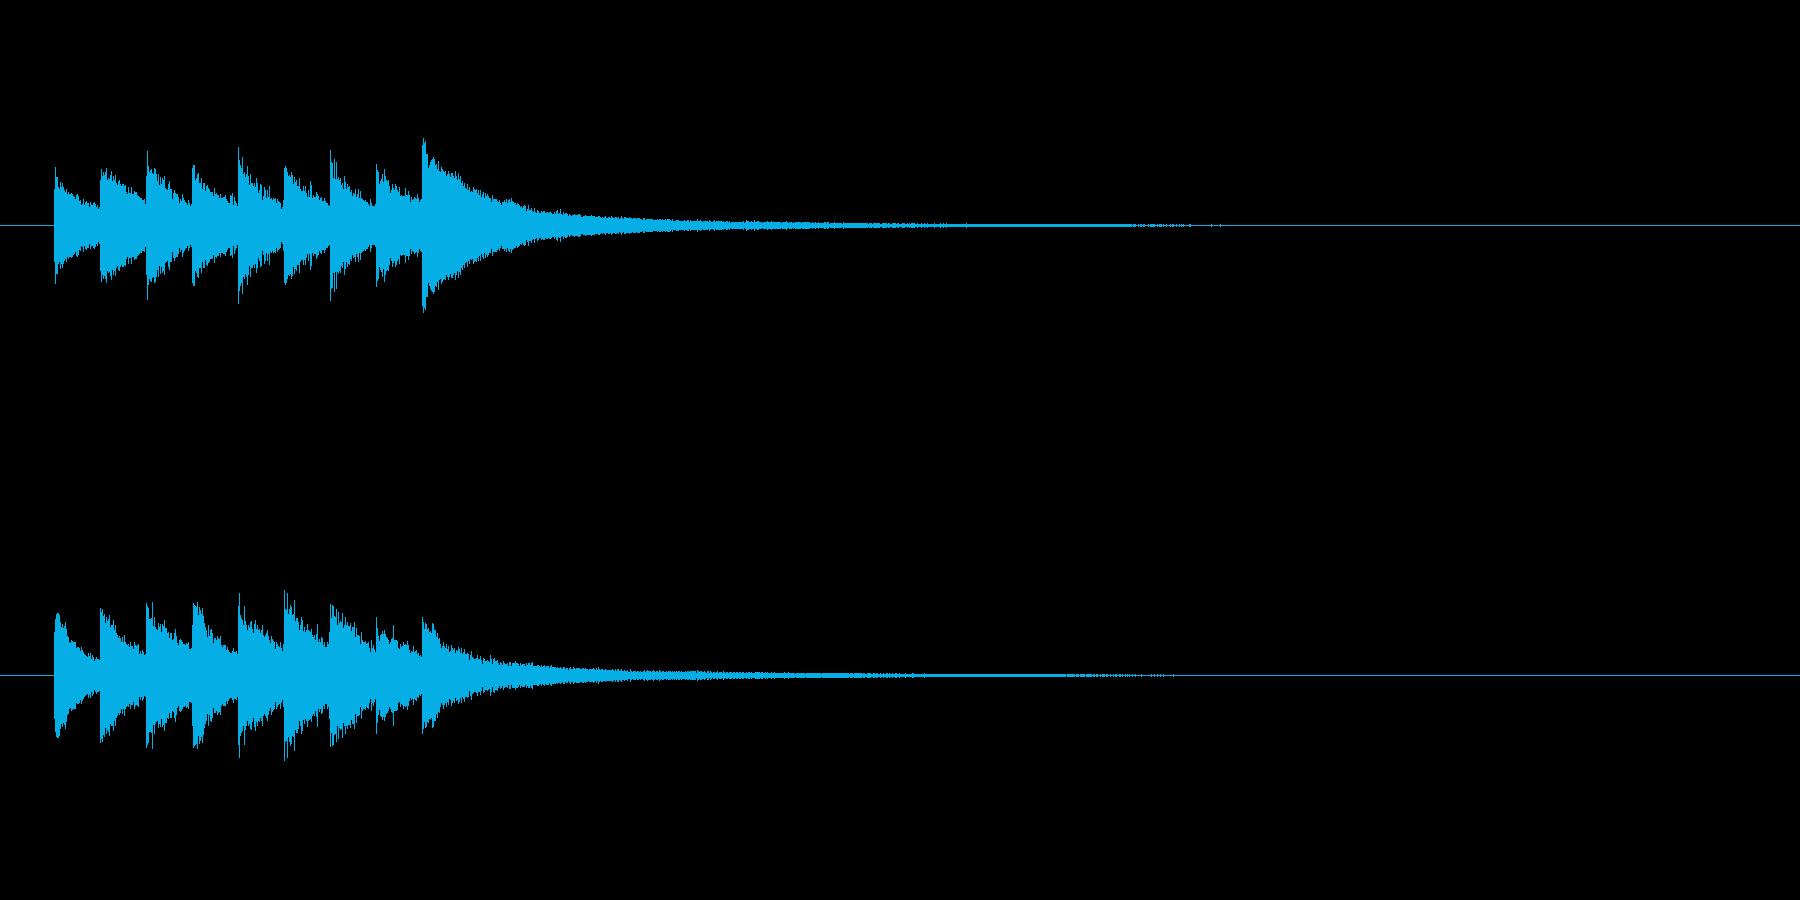 グロッケンシュピールの短いジングルの再生済みの波形